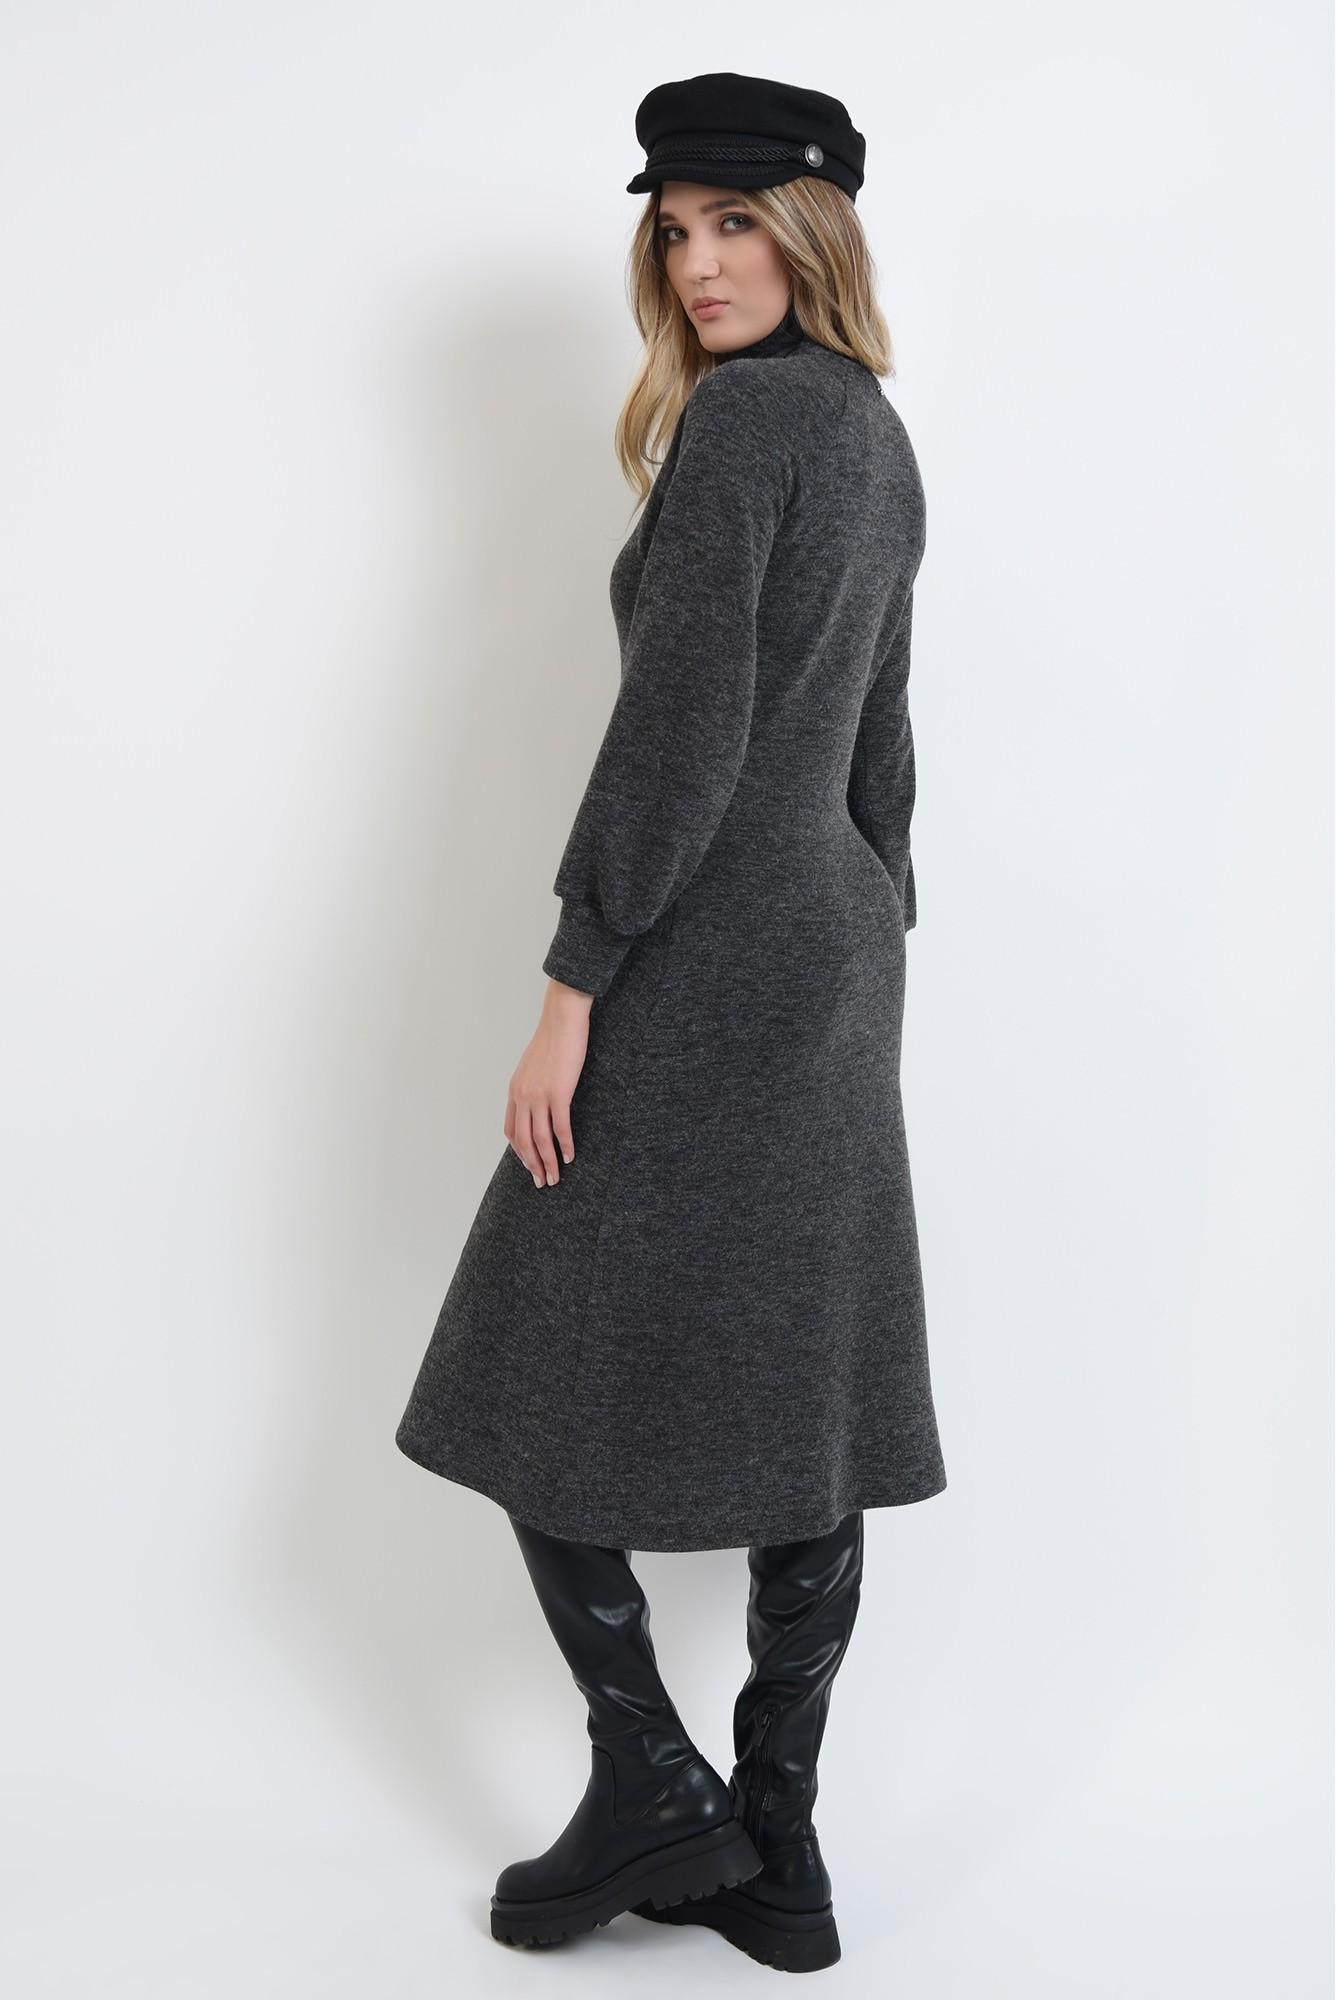 1 - 360 - rochie midi, gri, evazata, din tricot